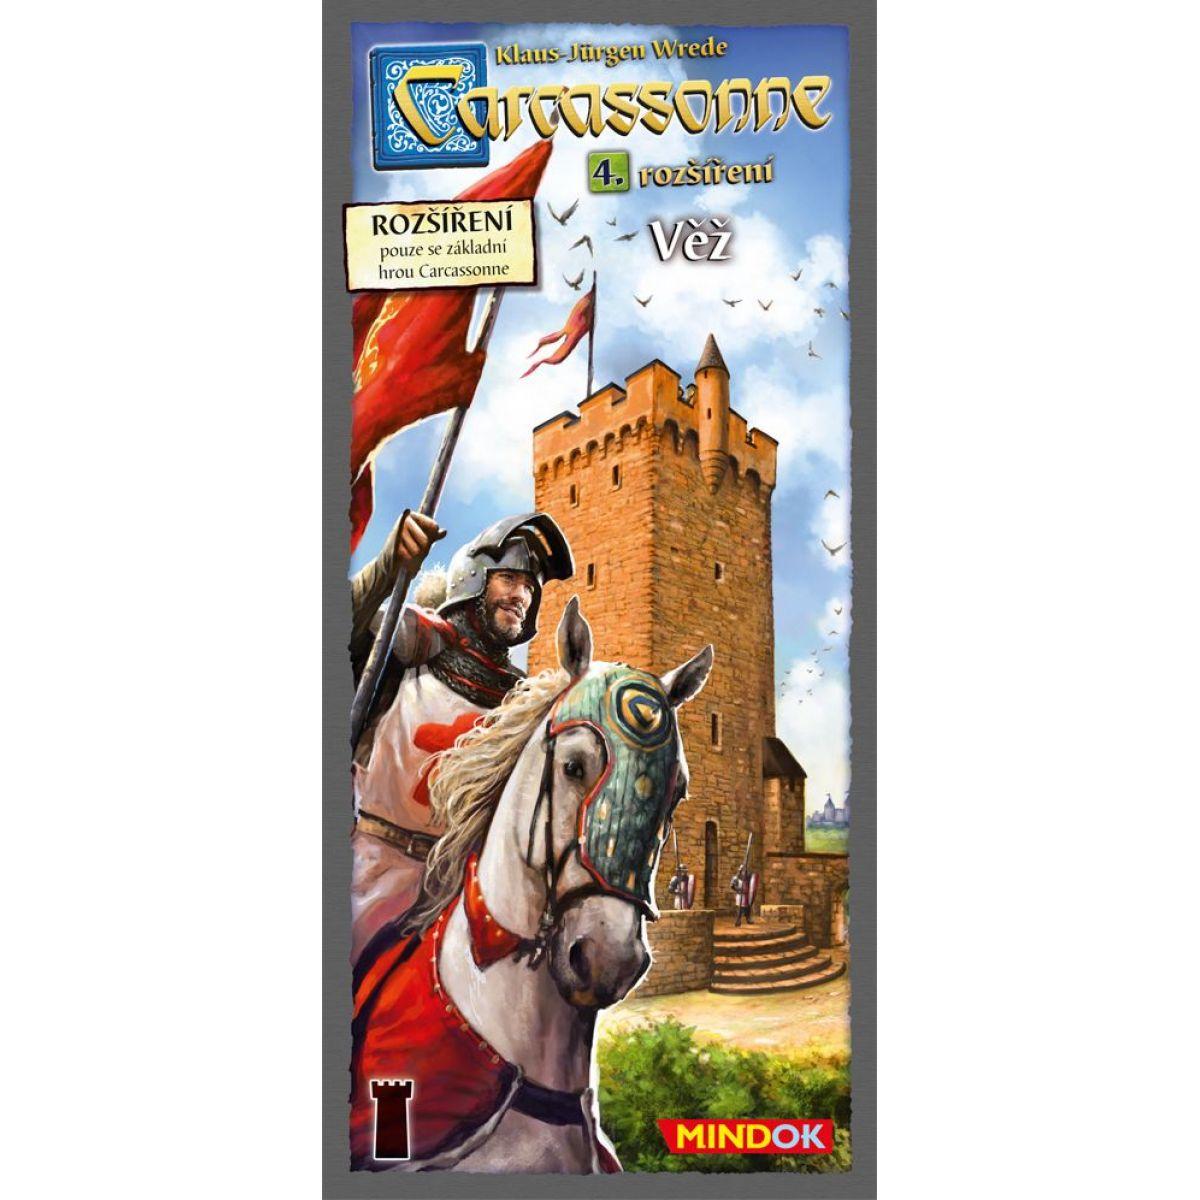 Mindok 300143 - CARCASSONNE Věž - 4. rozšíření